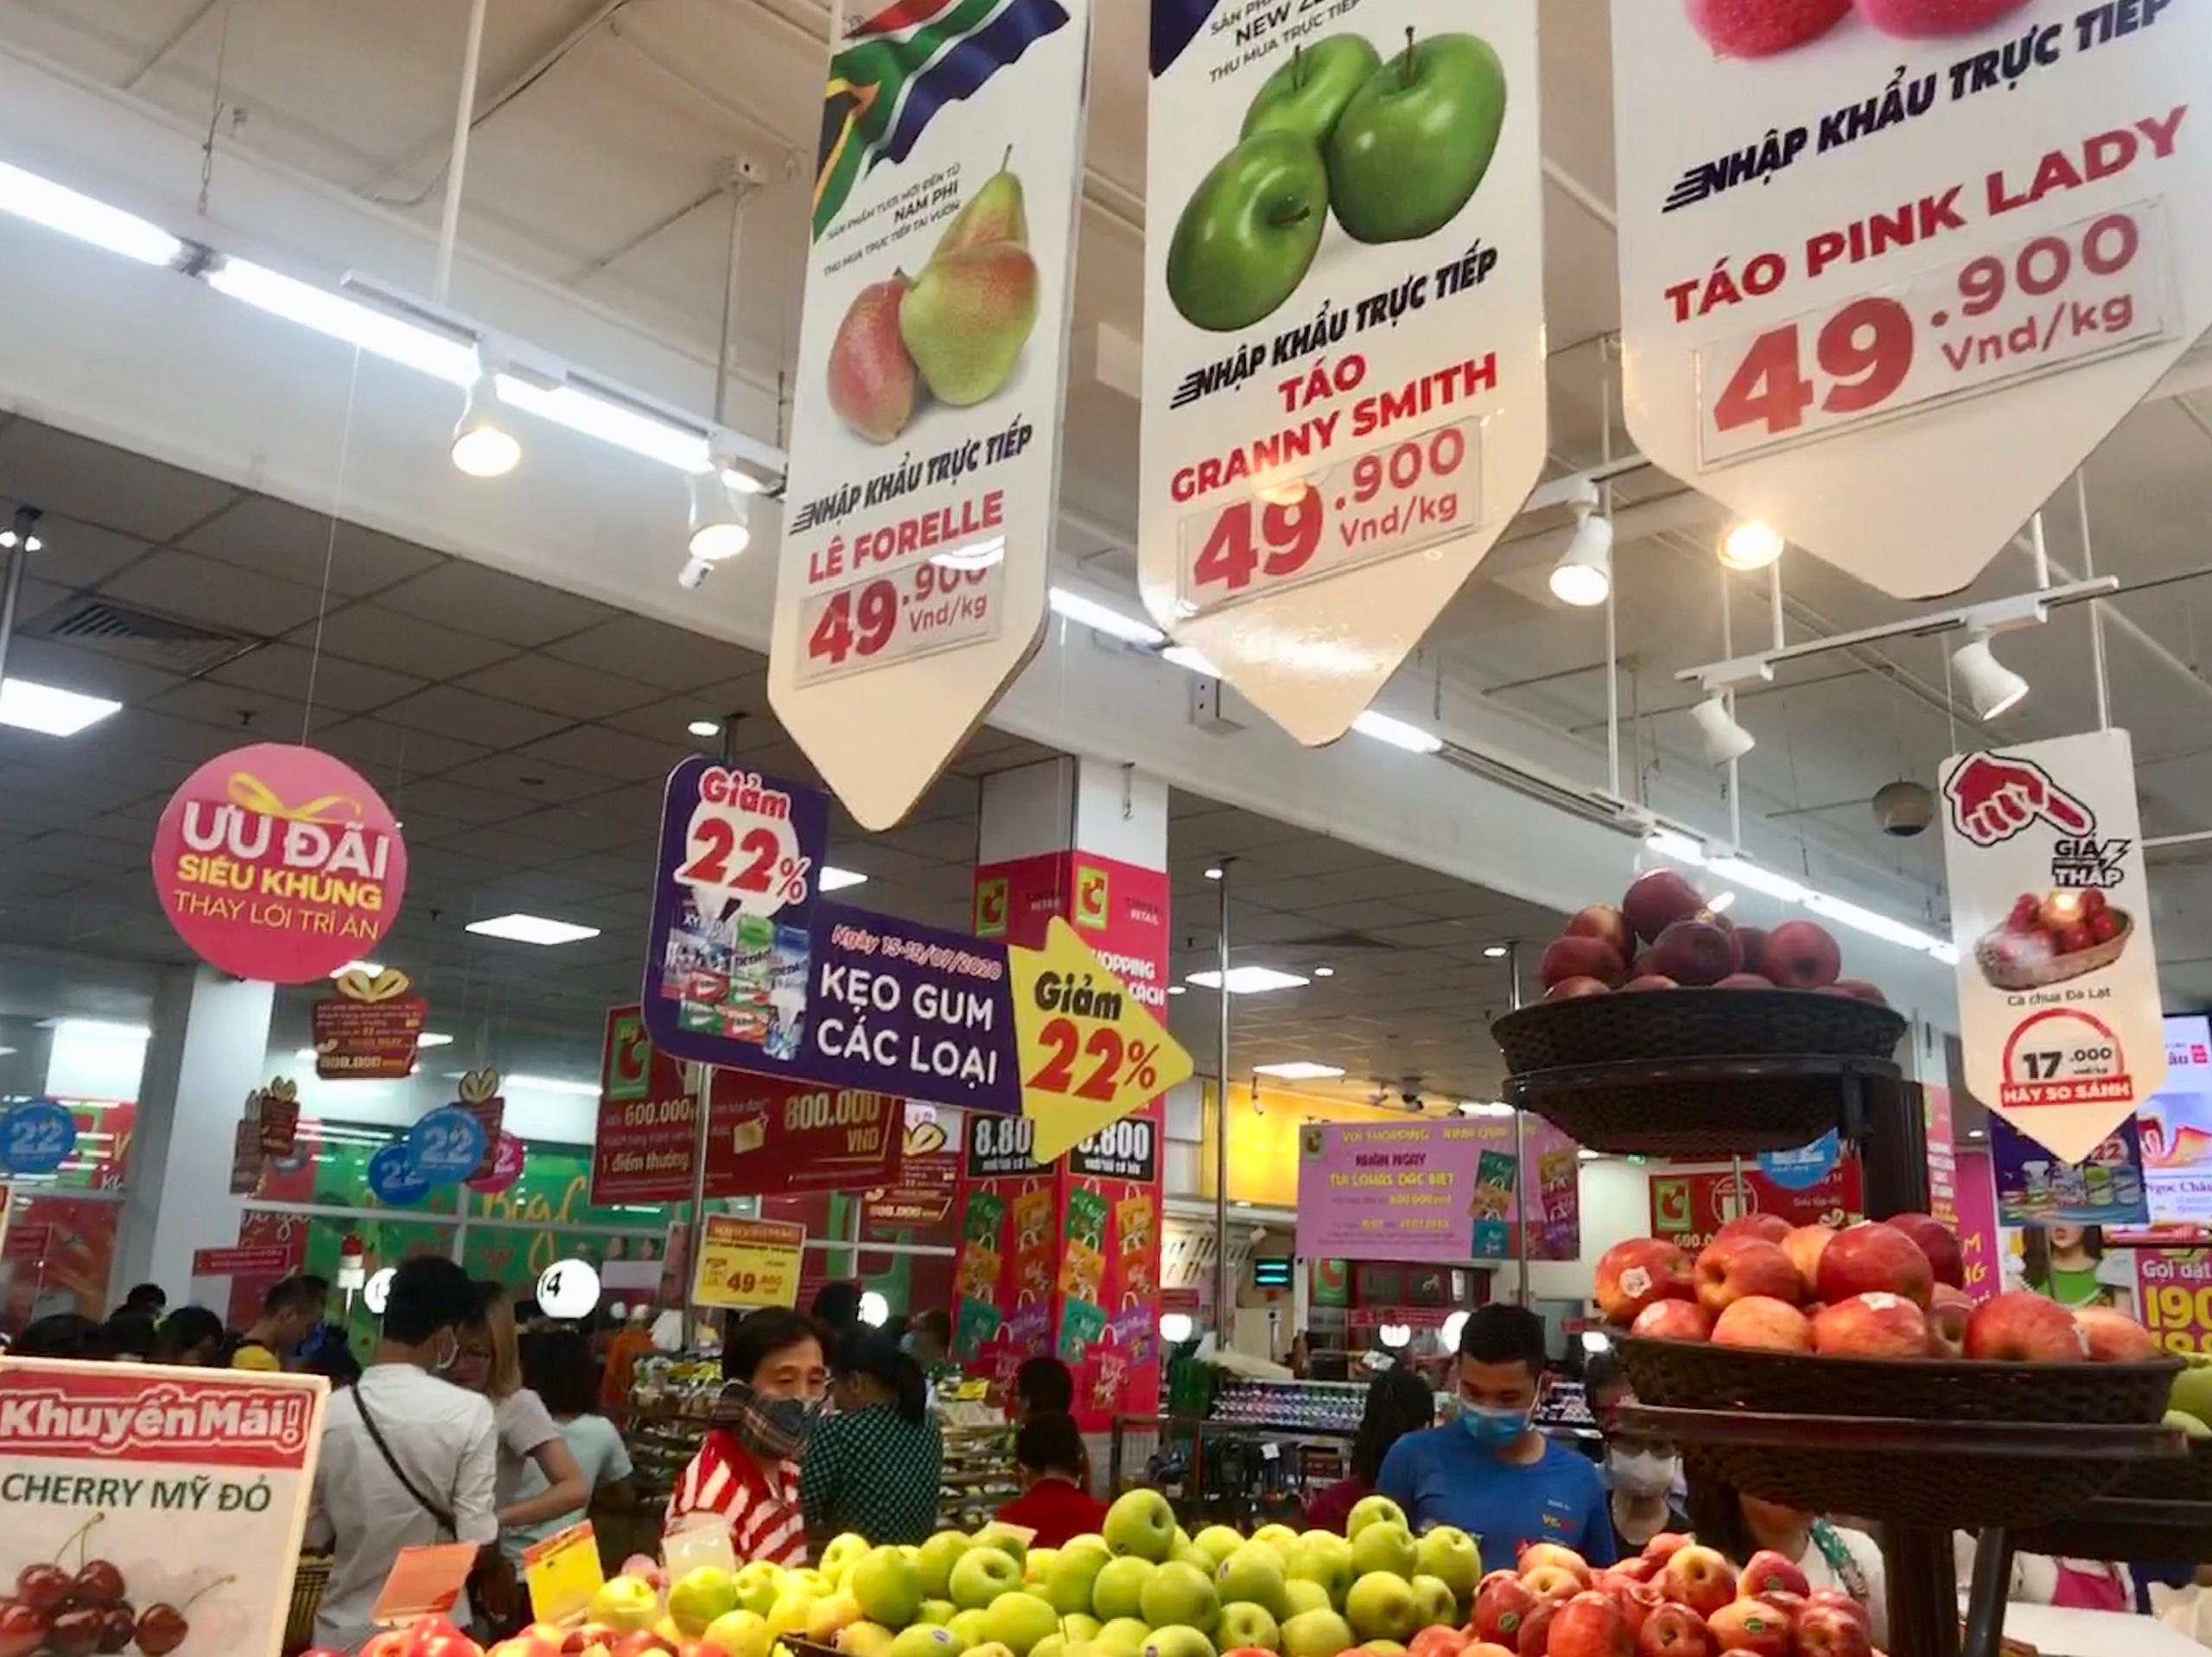 Việt Nam giảm chi tiền cho rau quả nhập khẩu - Ảnh 1.